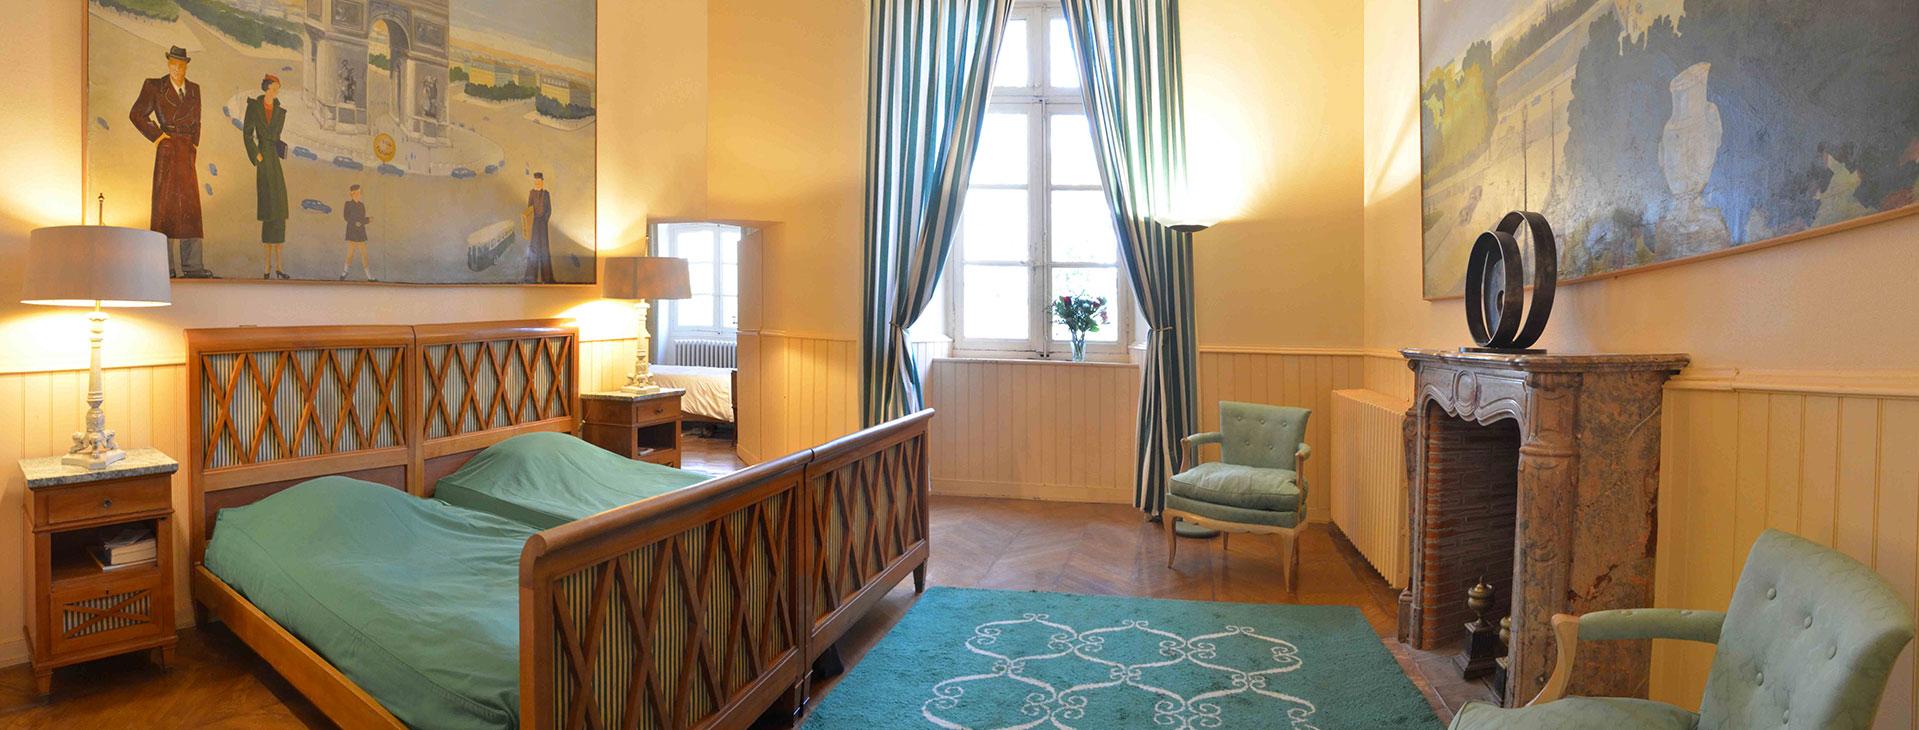 Chambre parisienne / Parisian bedroom